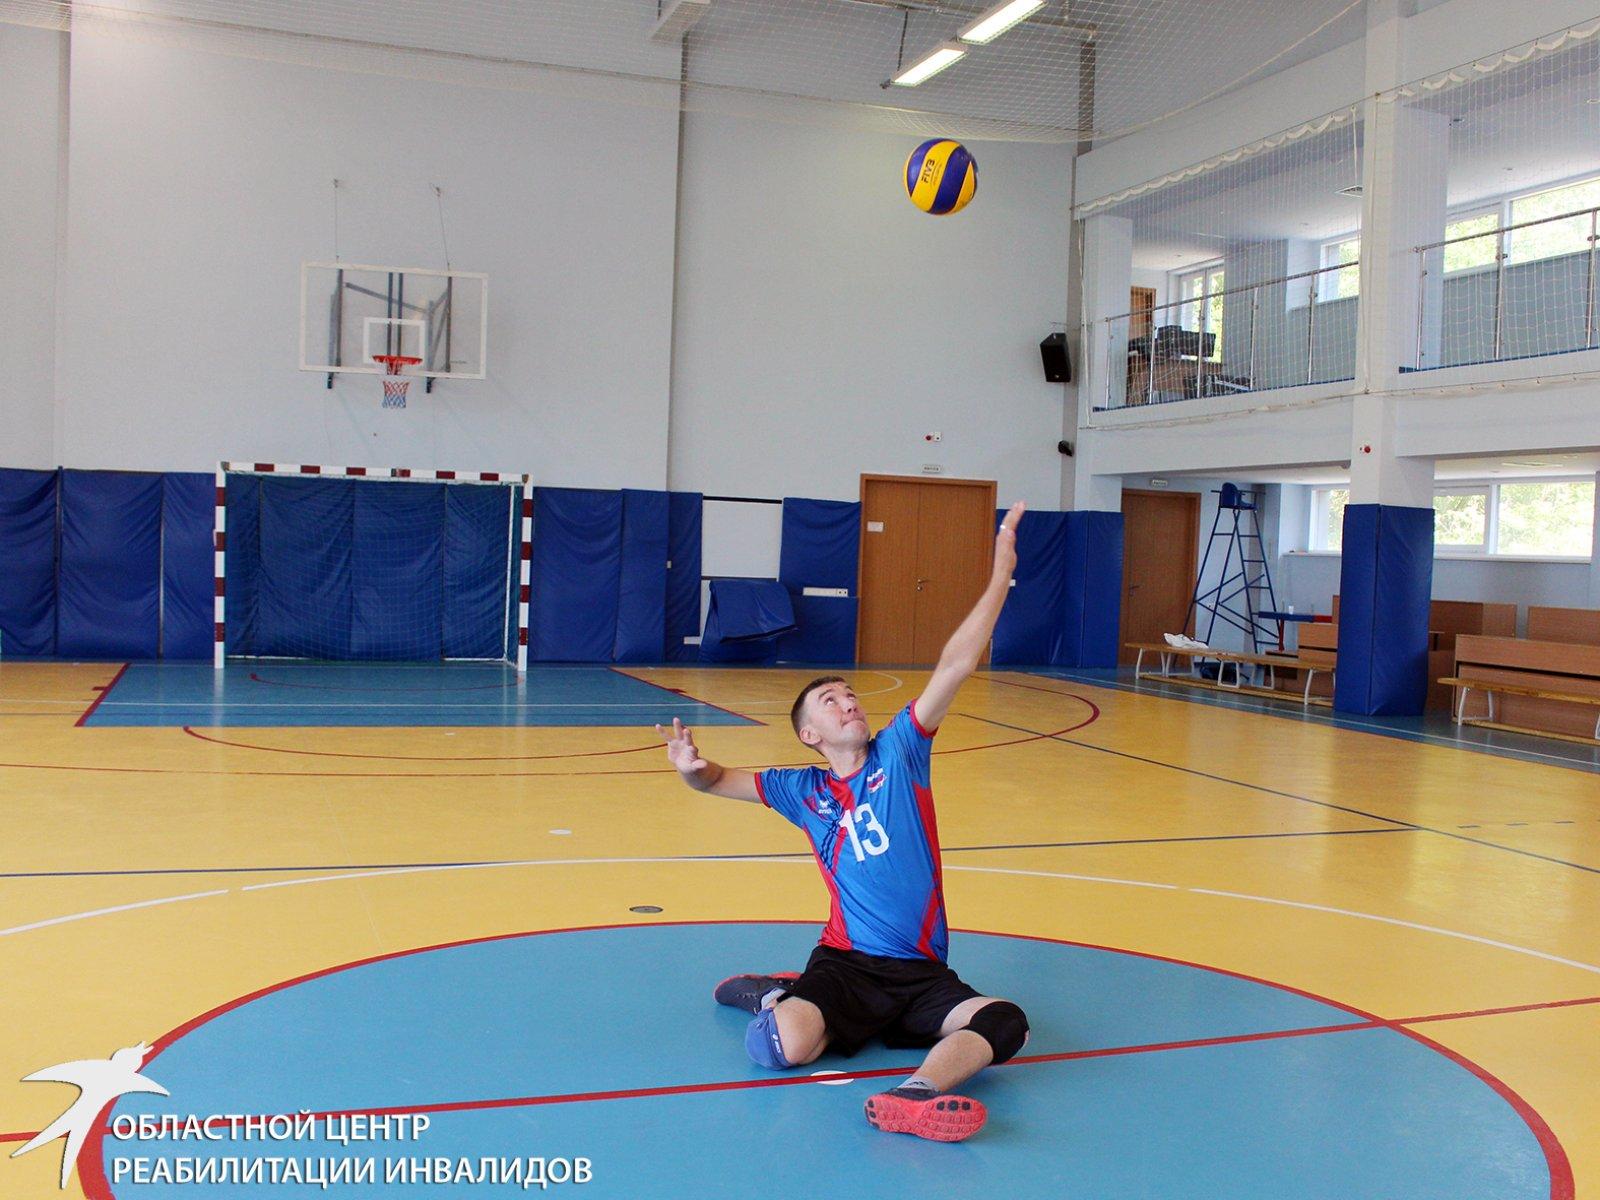 Алексей Мясников: Благодаря Центру реабилитации я полюбил физические нагрузки, а благодаря Сергею Упорову – волейбольный мяч